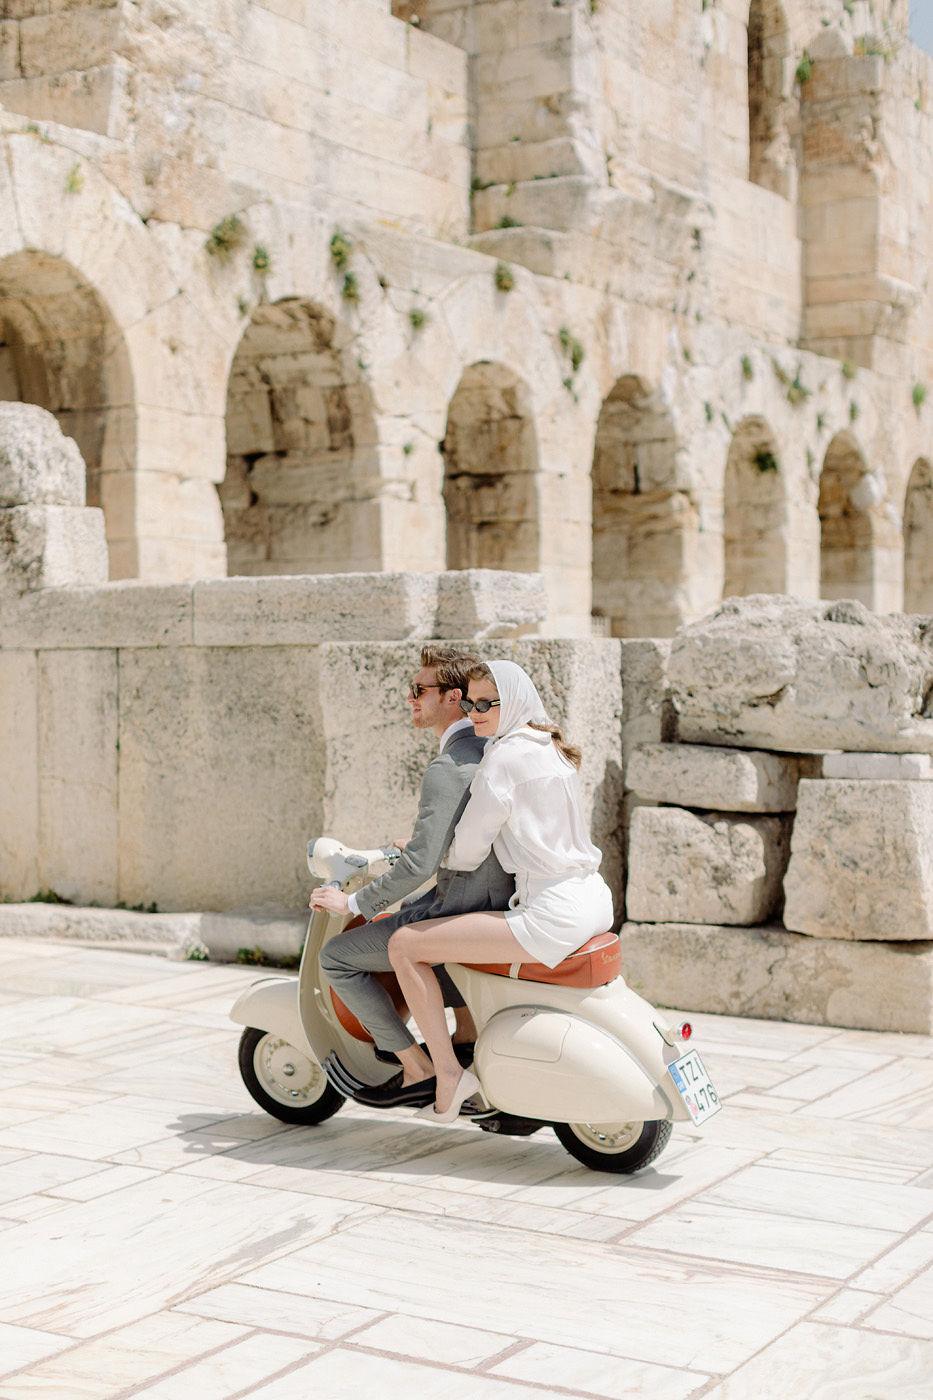 Wedding Proposal In Athens - Vespa Ride